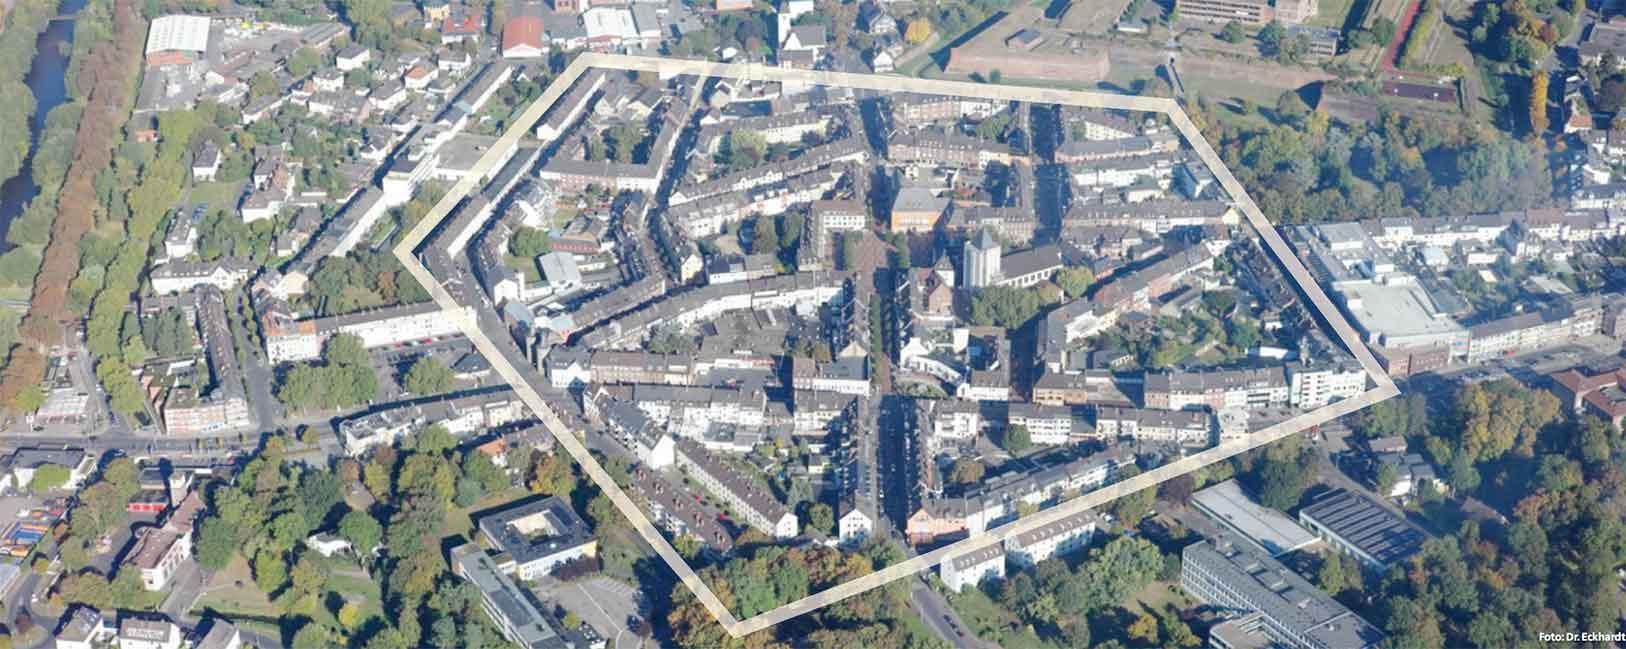 Innenstadt Jülich